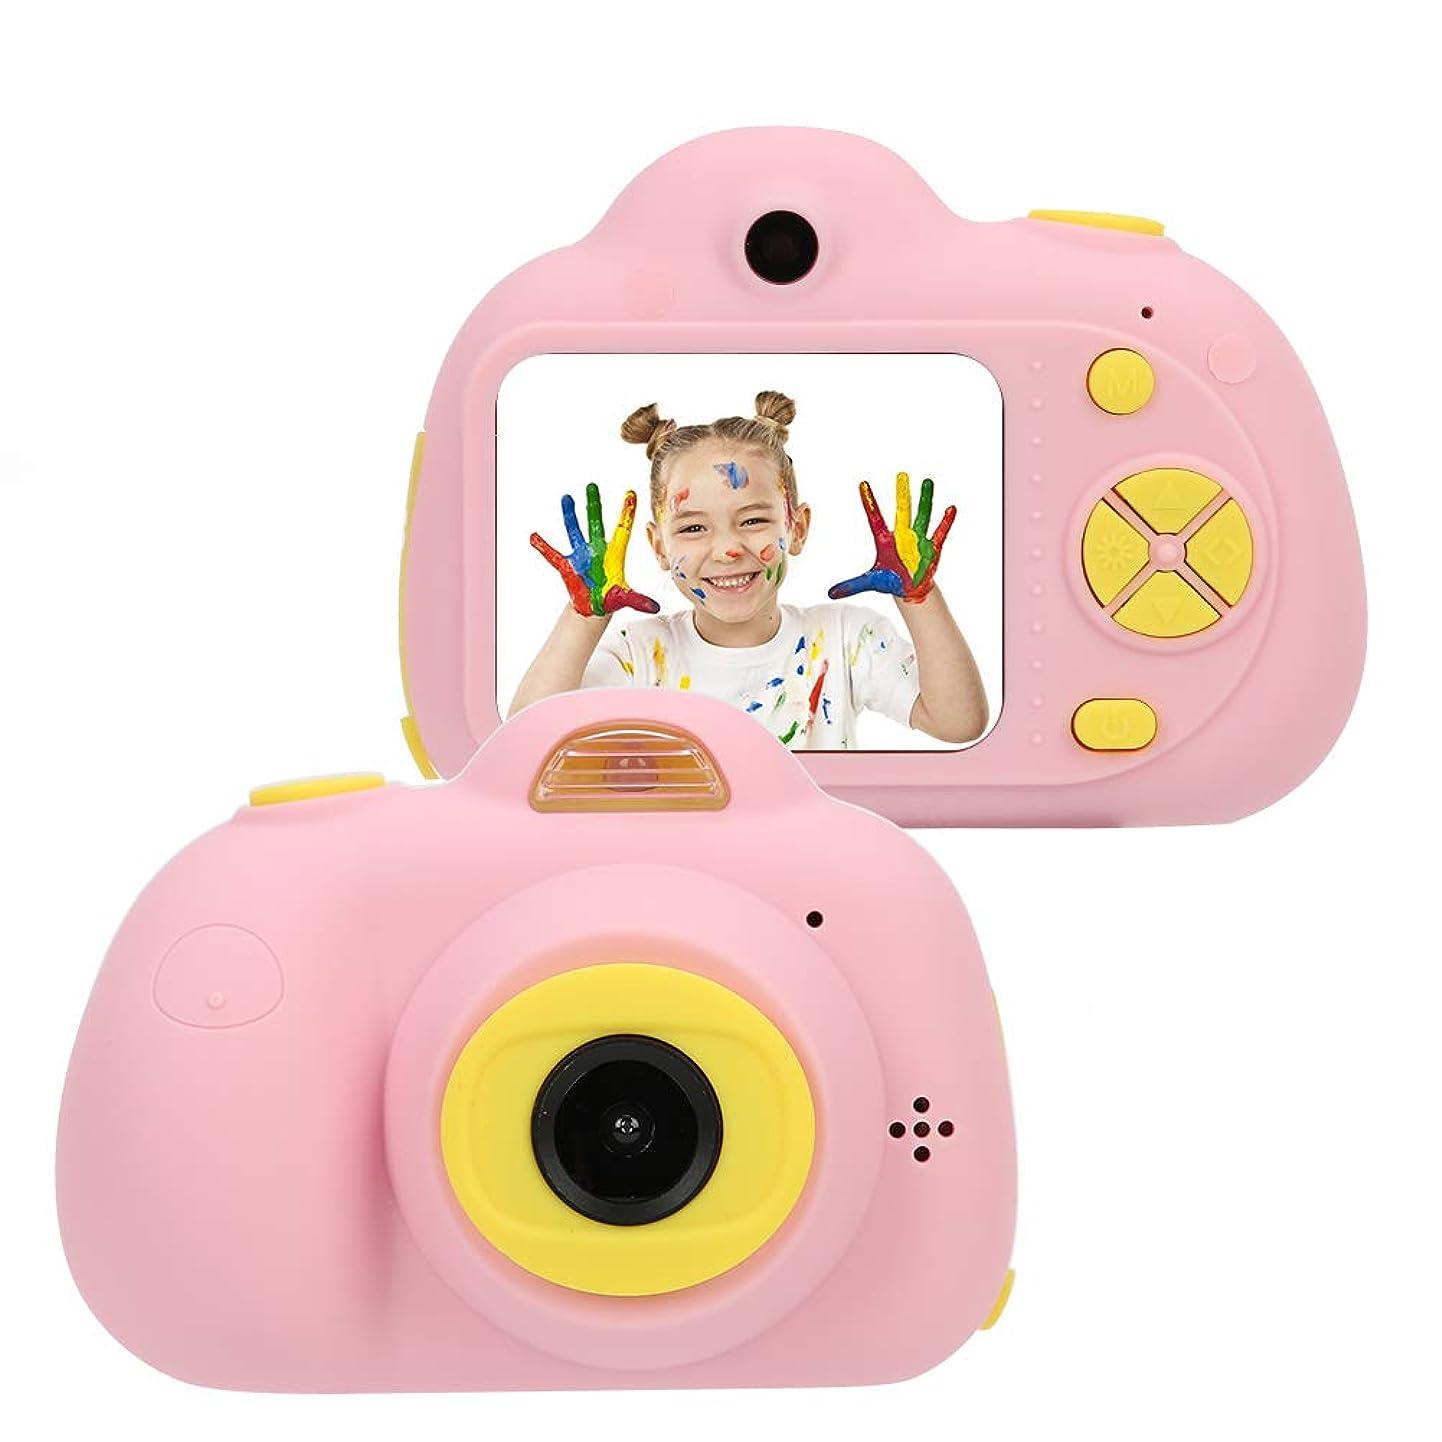 退屈させるピース敬の念YUKI カメラ子供用 子供用デジタルカメラ キッズカメラ トイカメラ 800万解像度 HD 1080P高画質 2インチスクリーン USB充電 自撮りも動画も撮れて 子供プレゼント(ピンク)